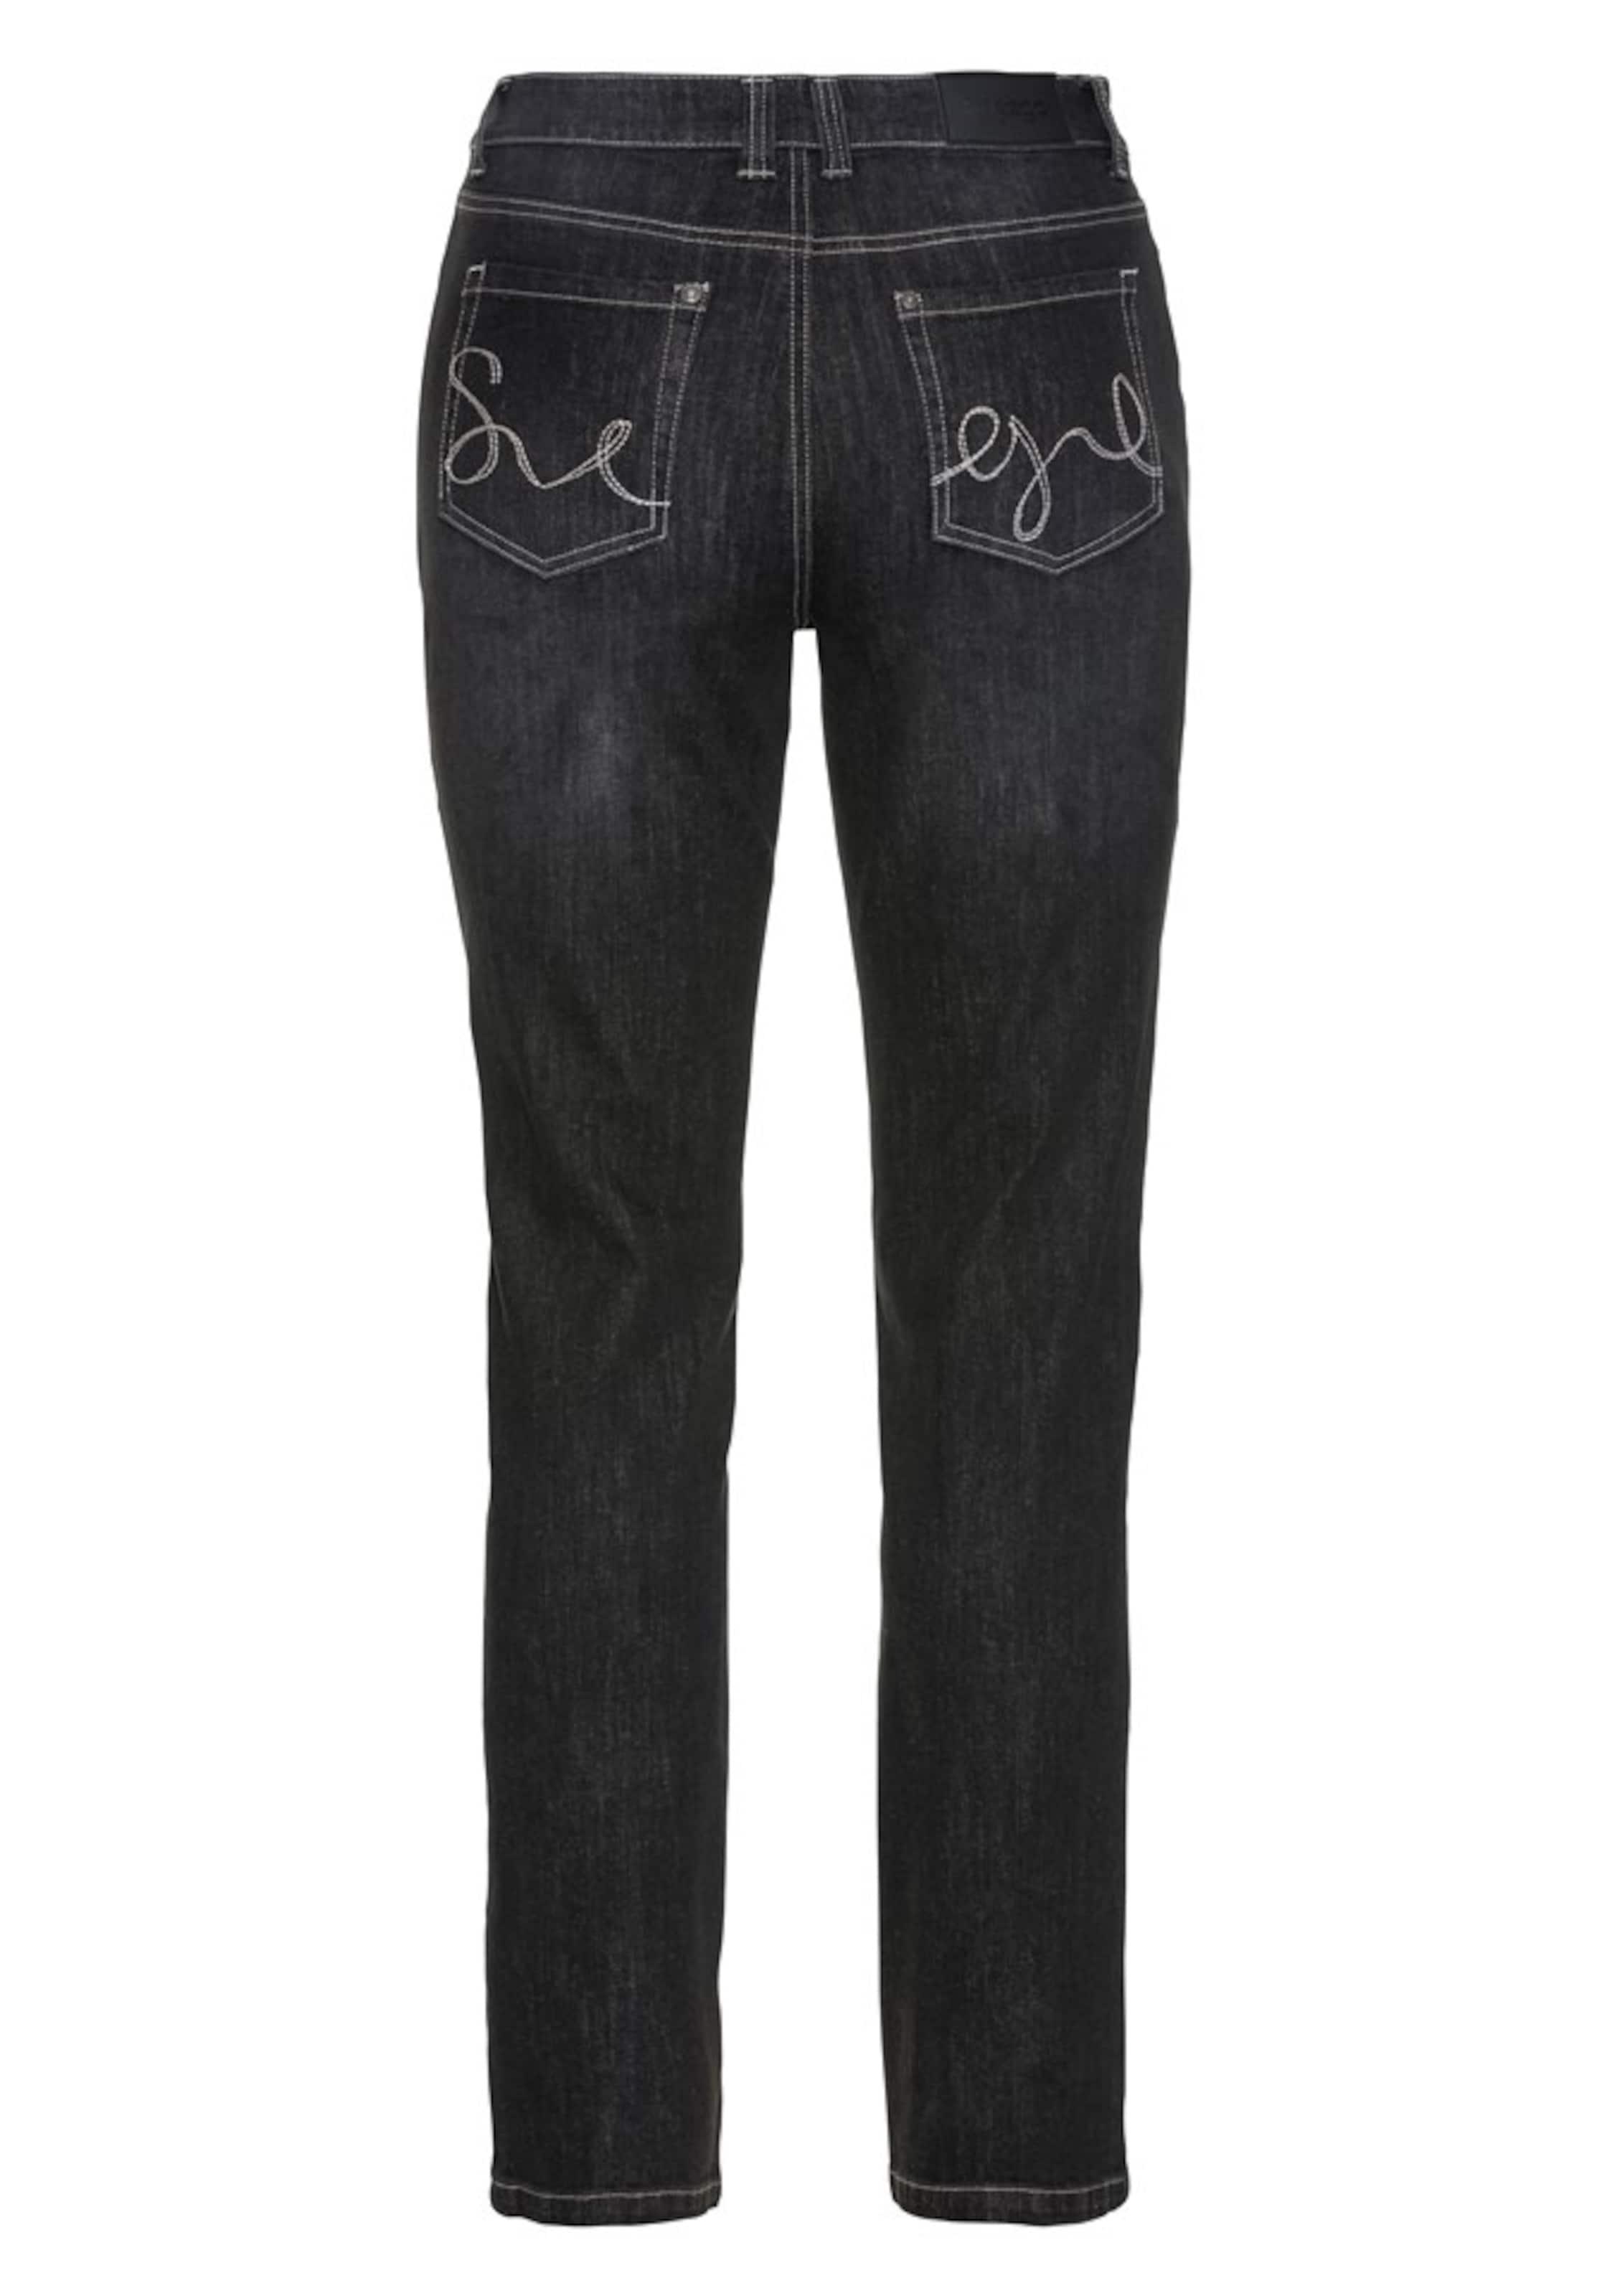 Sheego In Sheego Denim Black In Jeans In Denim Sheego Jeans Denim Jeans Black 2WD9YEHI